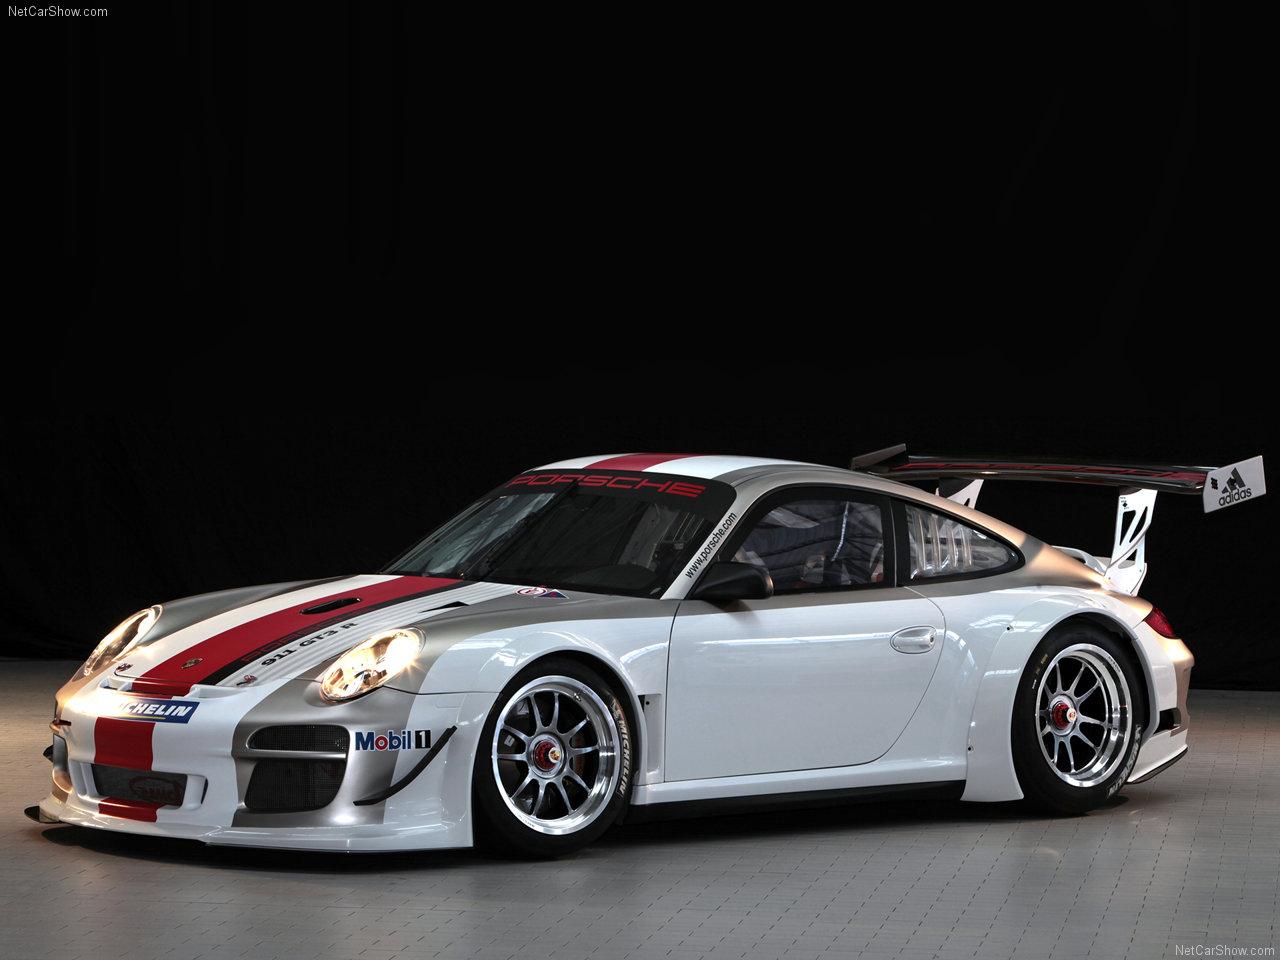 http://3.bp.blogspot.com/-TNLuJt-JOYg/TYc8ye104XI/AAAAAAAACPA/iL1VViuFs-E/s1600/Porsche-911_GT3_R_2010_1280x960_wallpaper_01.jpg